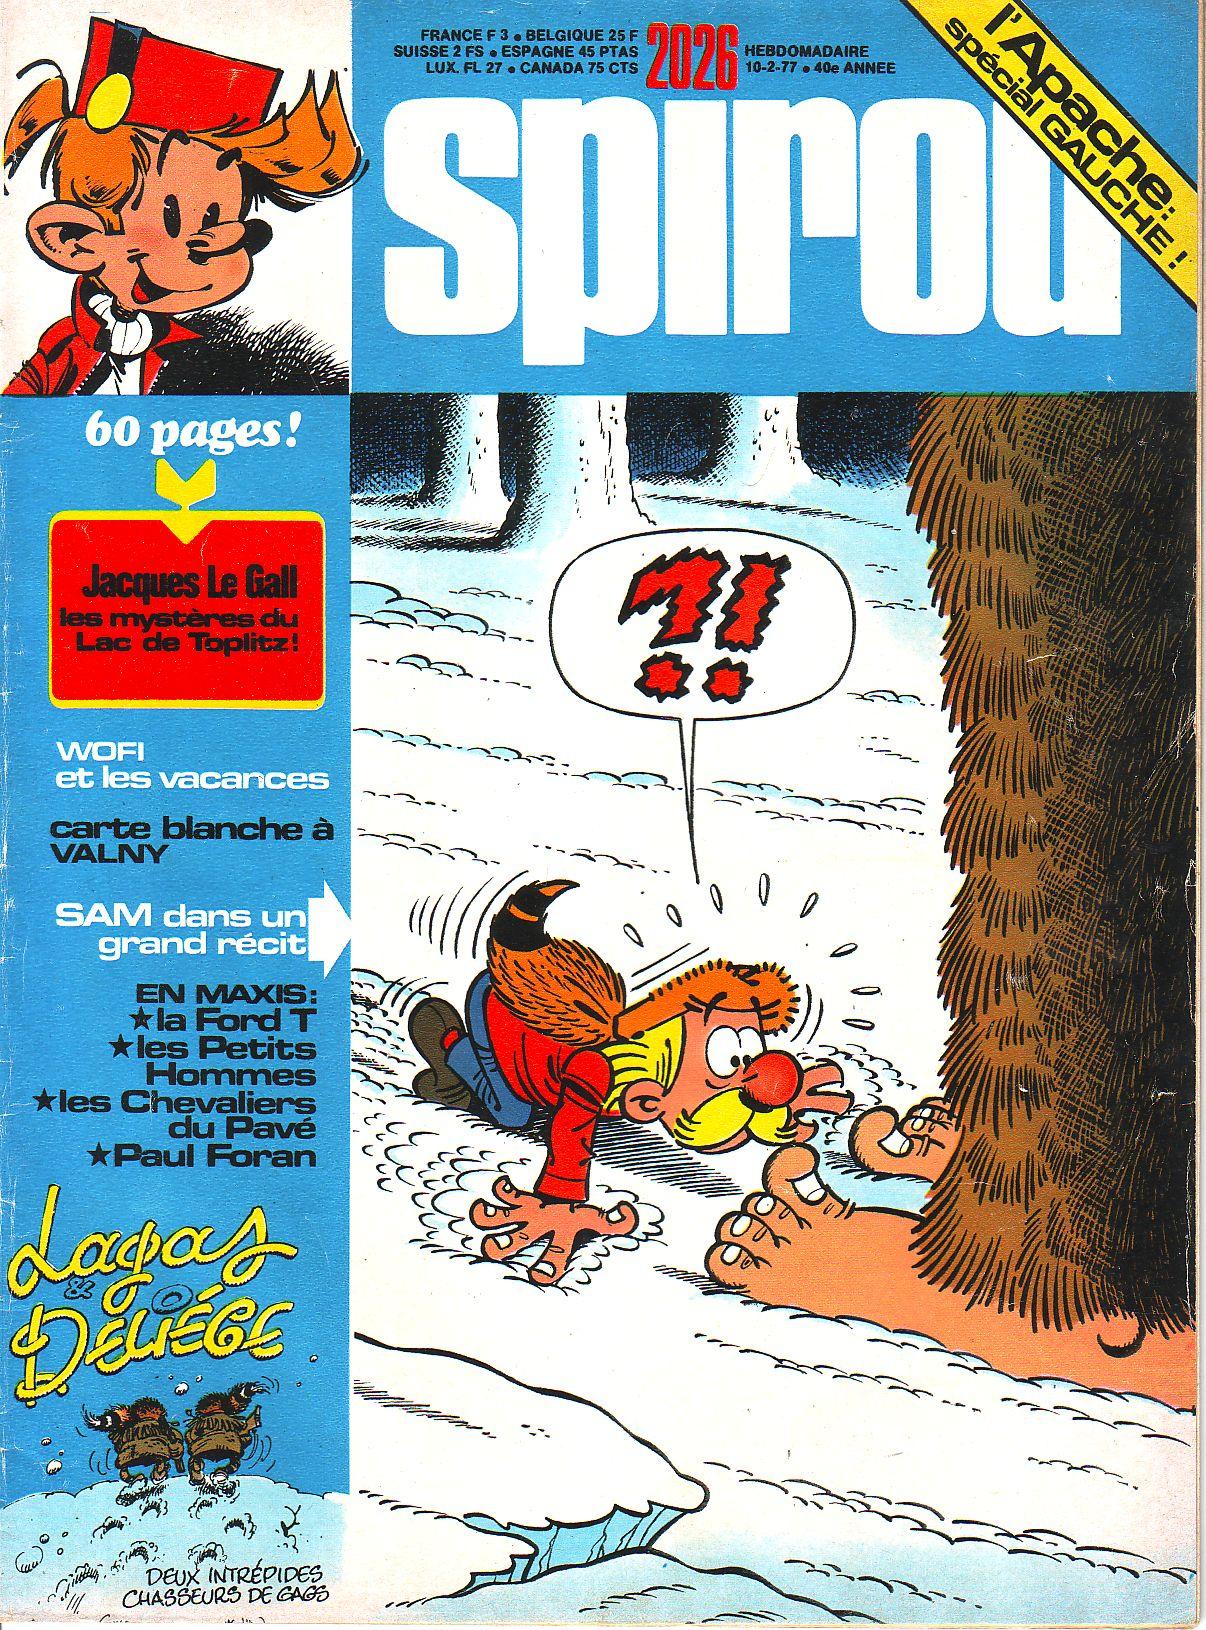 Le journal de Spirou 2026